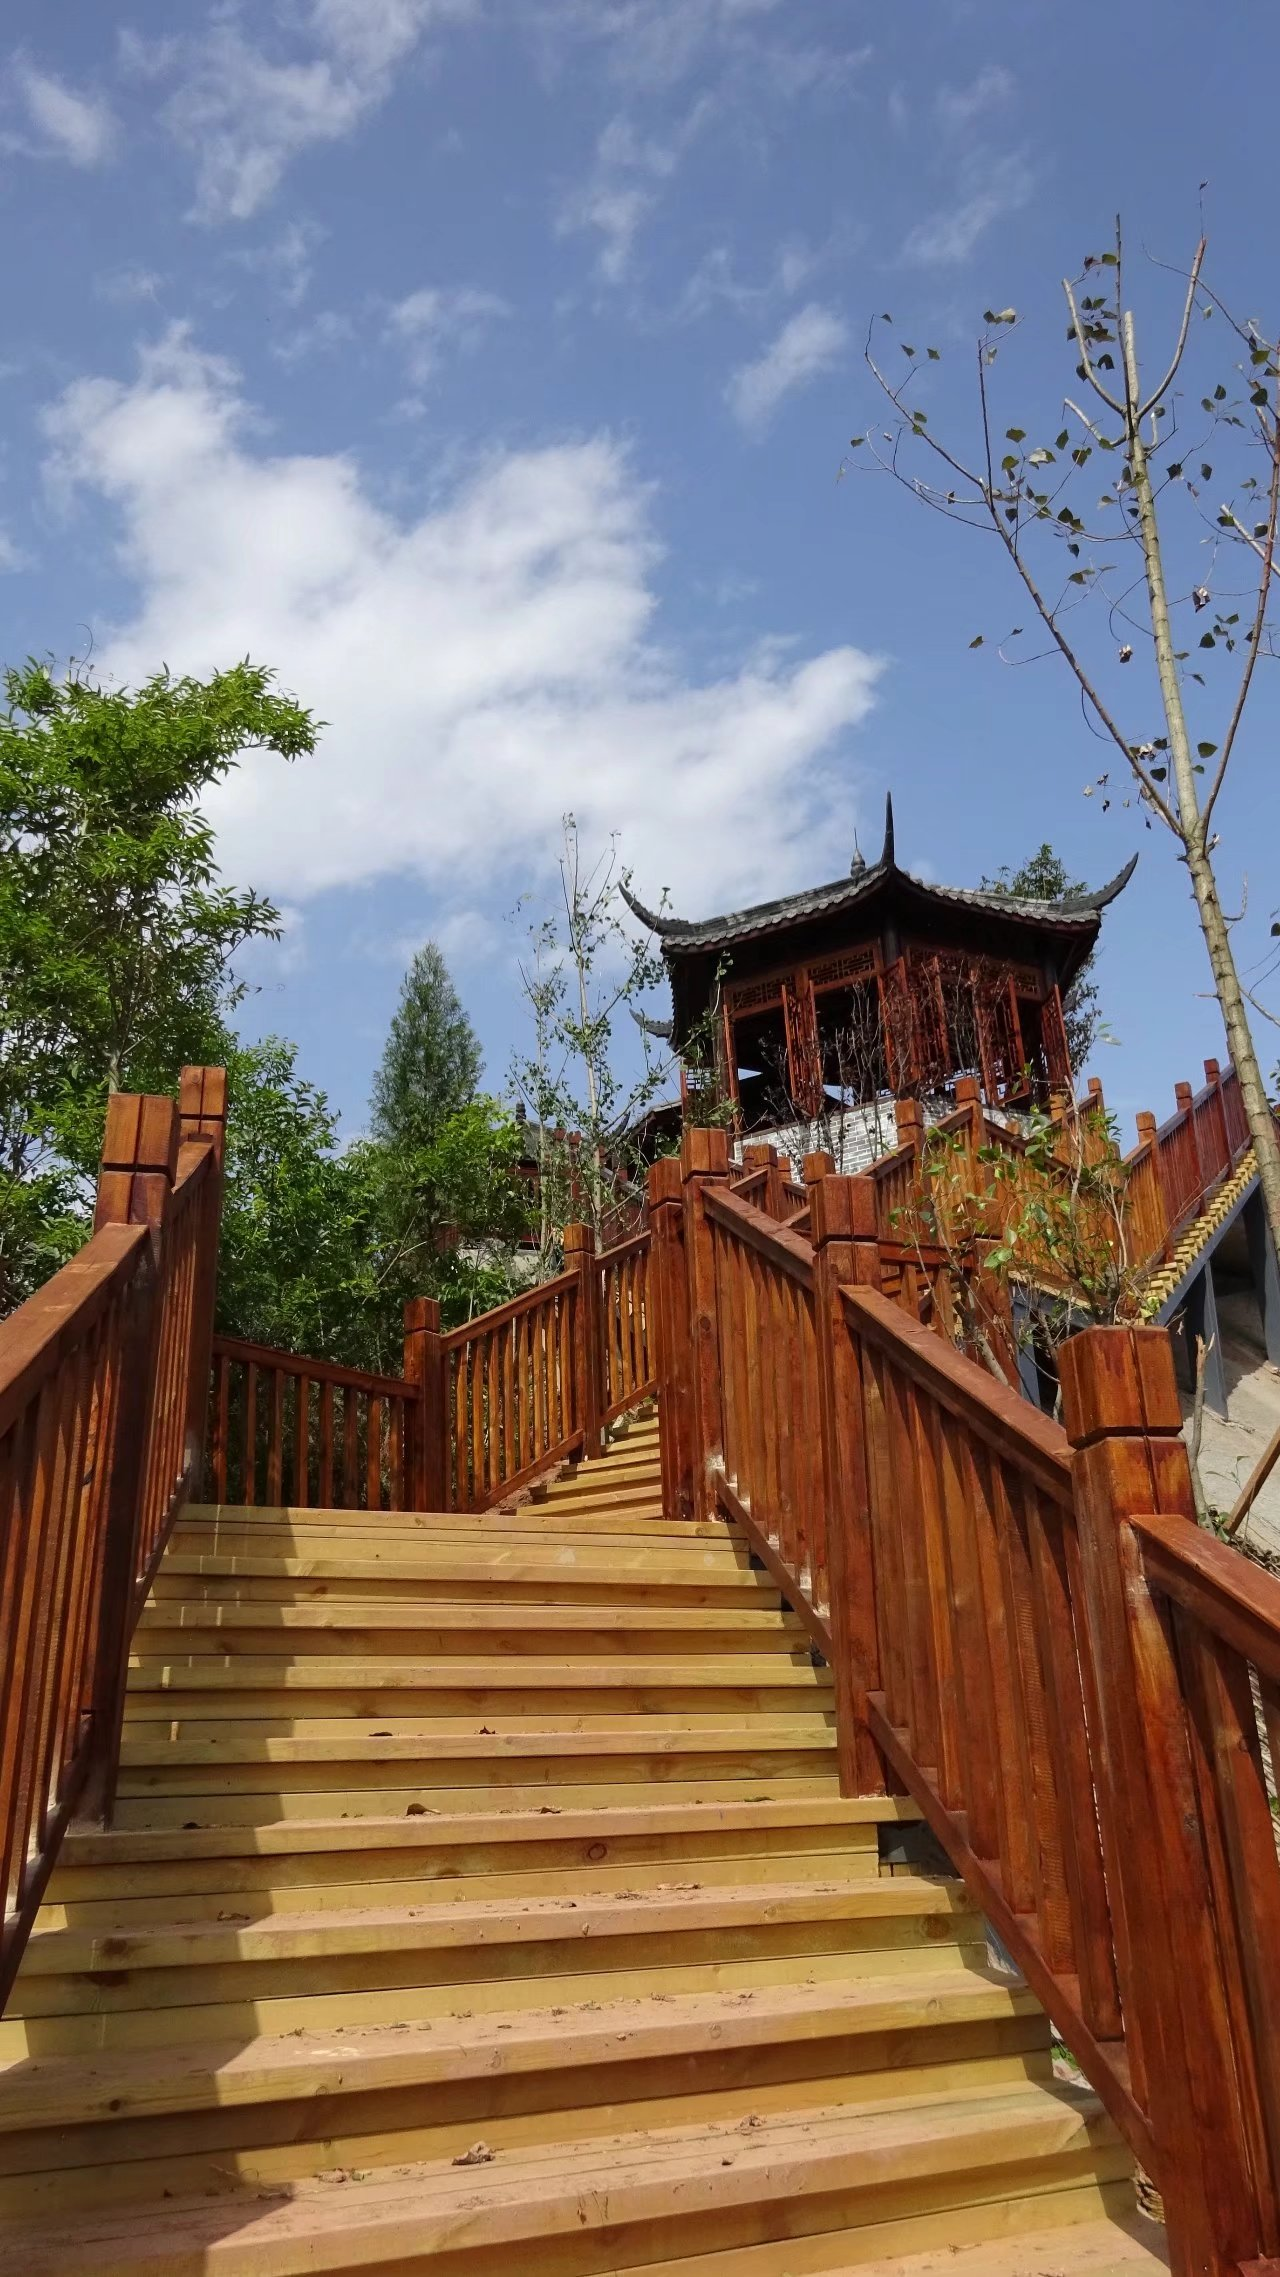 蓬安桑梓火锅公园施工进度(2018-05-10) - 第21张    蓬安在线